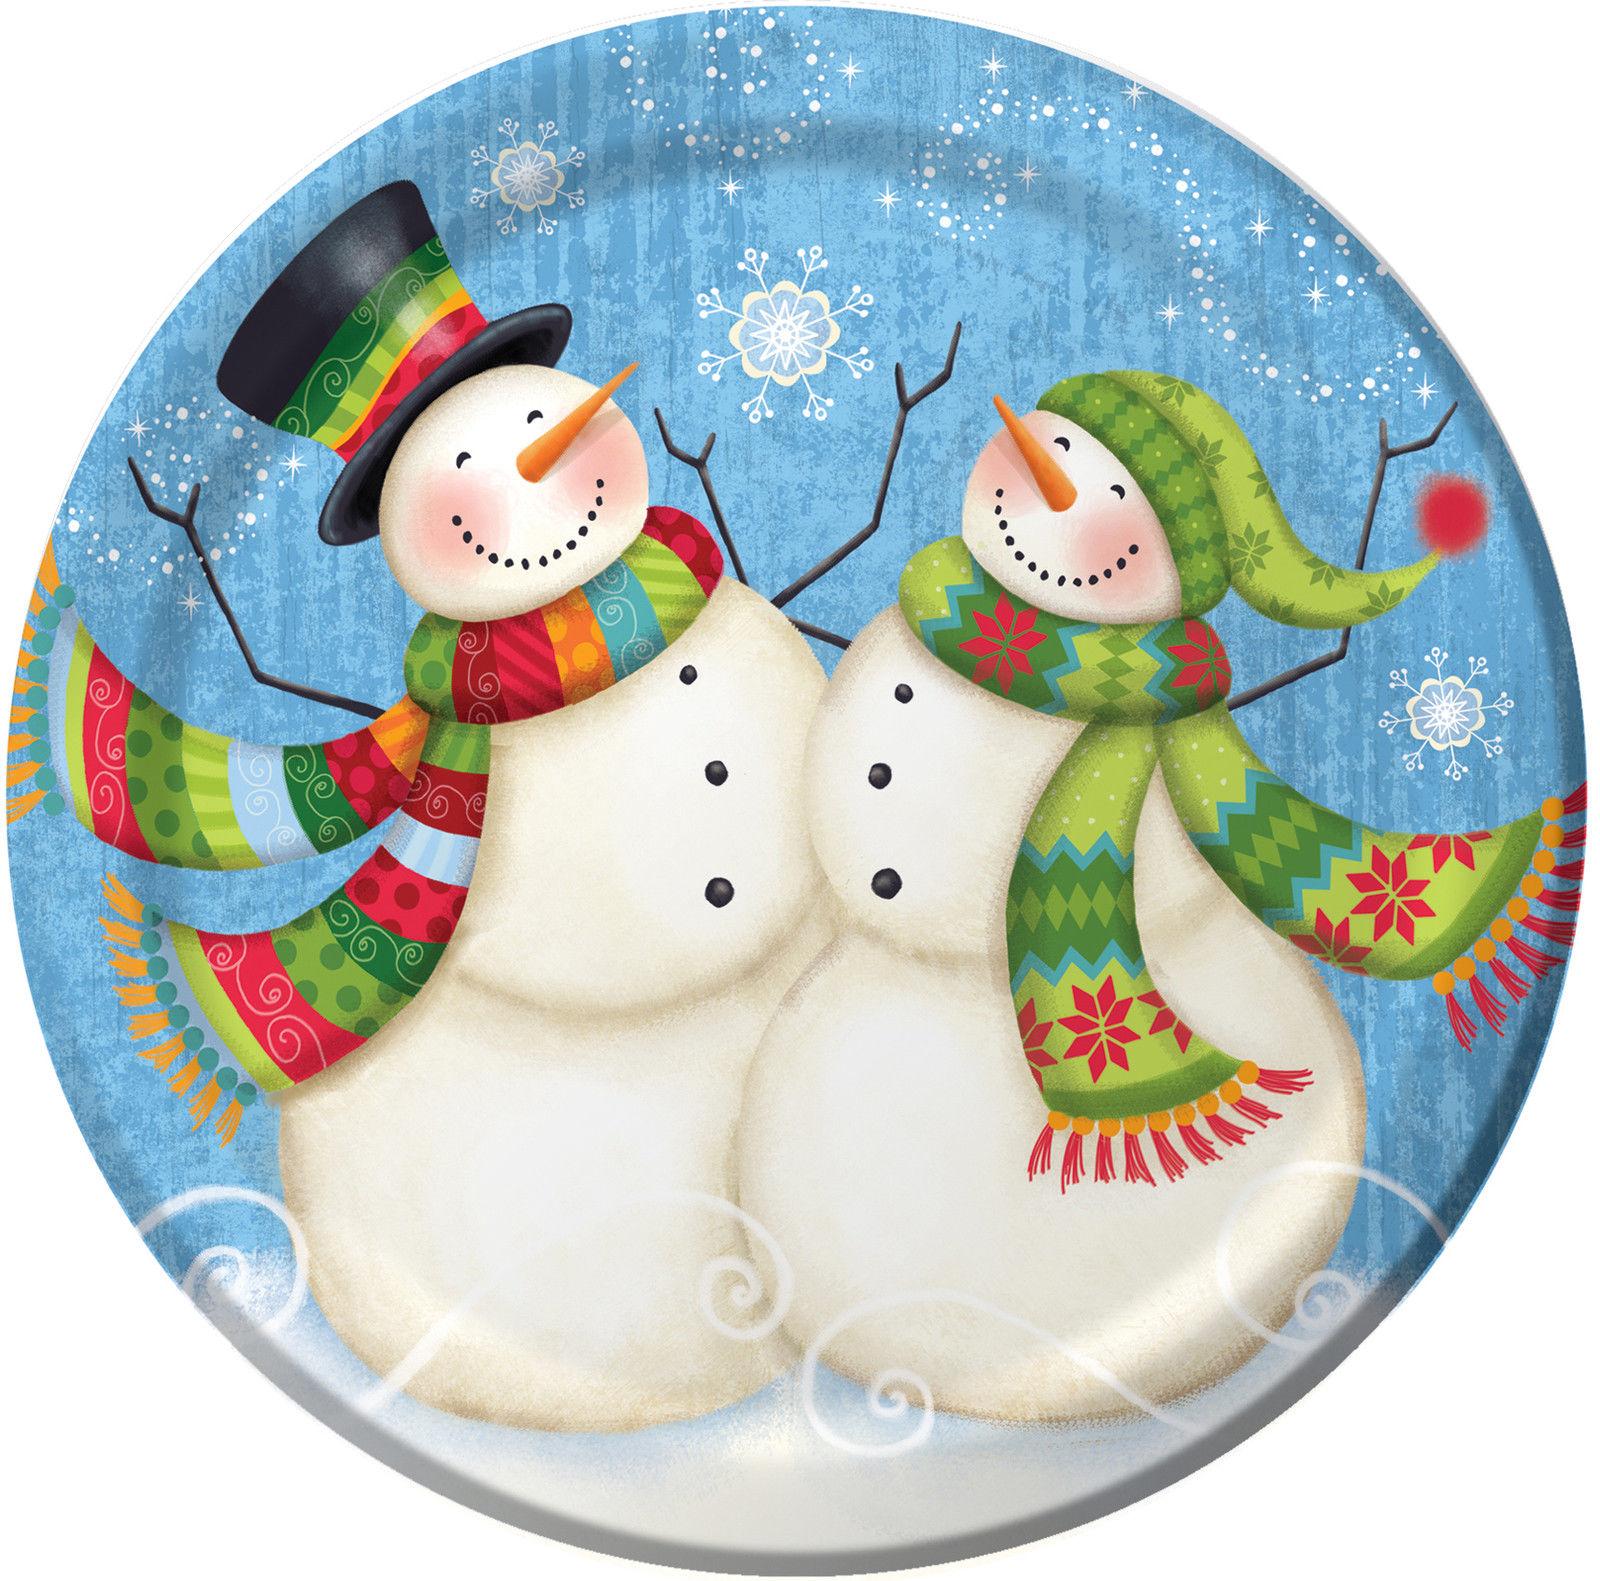 Immagini Di Natale Pupazzi Di Neve.Dettagli Su 8 X Pupazzo Di Neve Natale Carta Piatti Per Cena Blu Da Festa